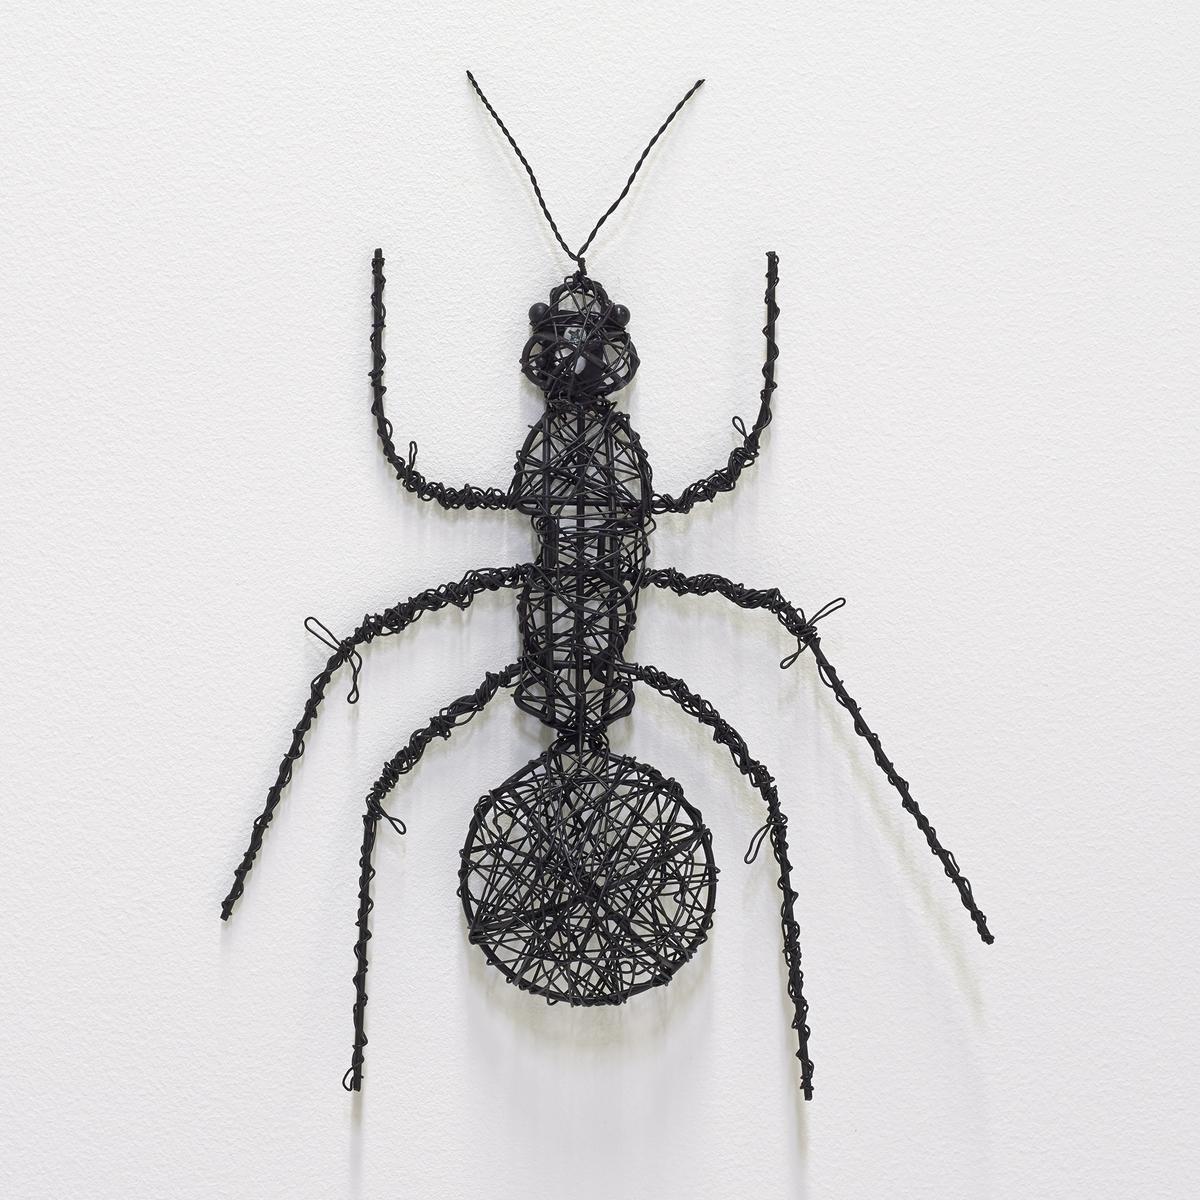 Насекомое металлическое MichiМуравей. Из чёрного металла.Можно поставить или прикрепить на стену.Размеры:. 19 x 28 x 3 см.<br><br>Цвет: металл черный